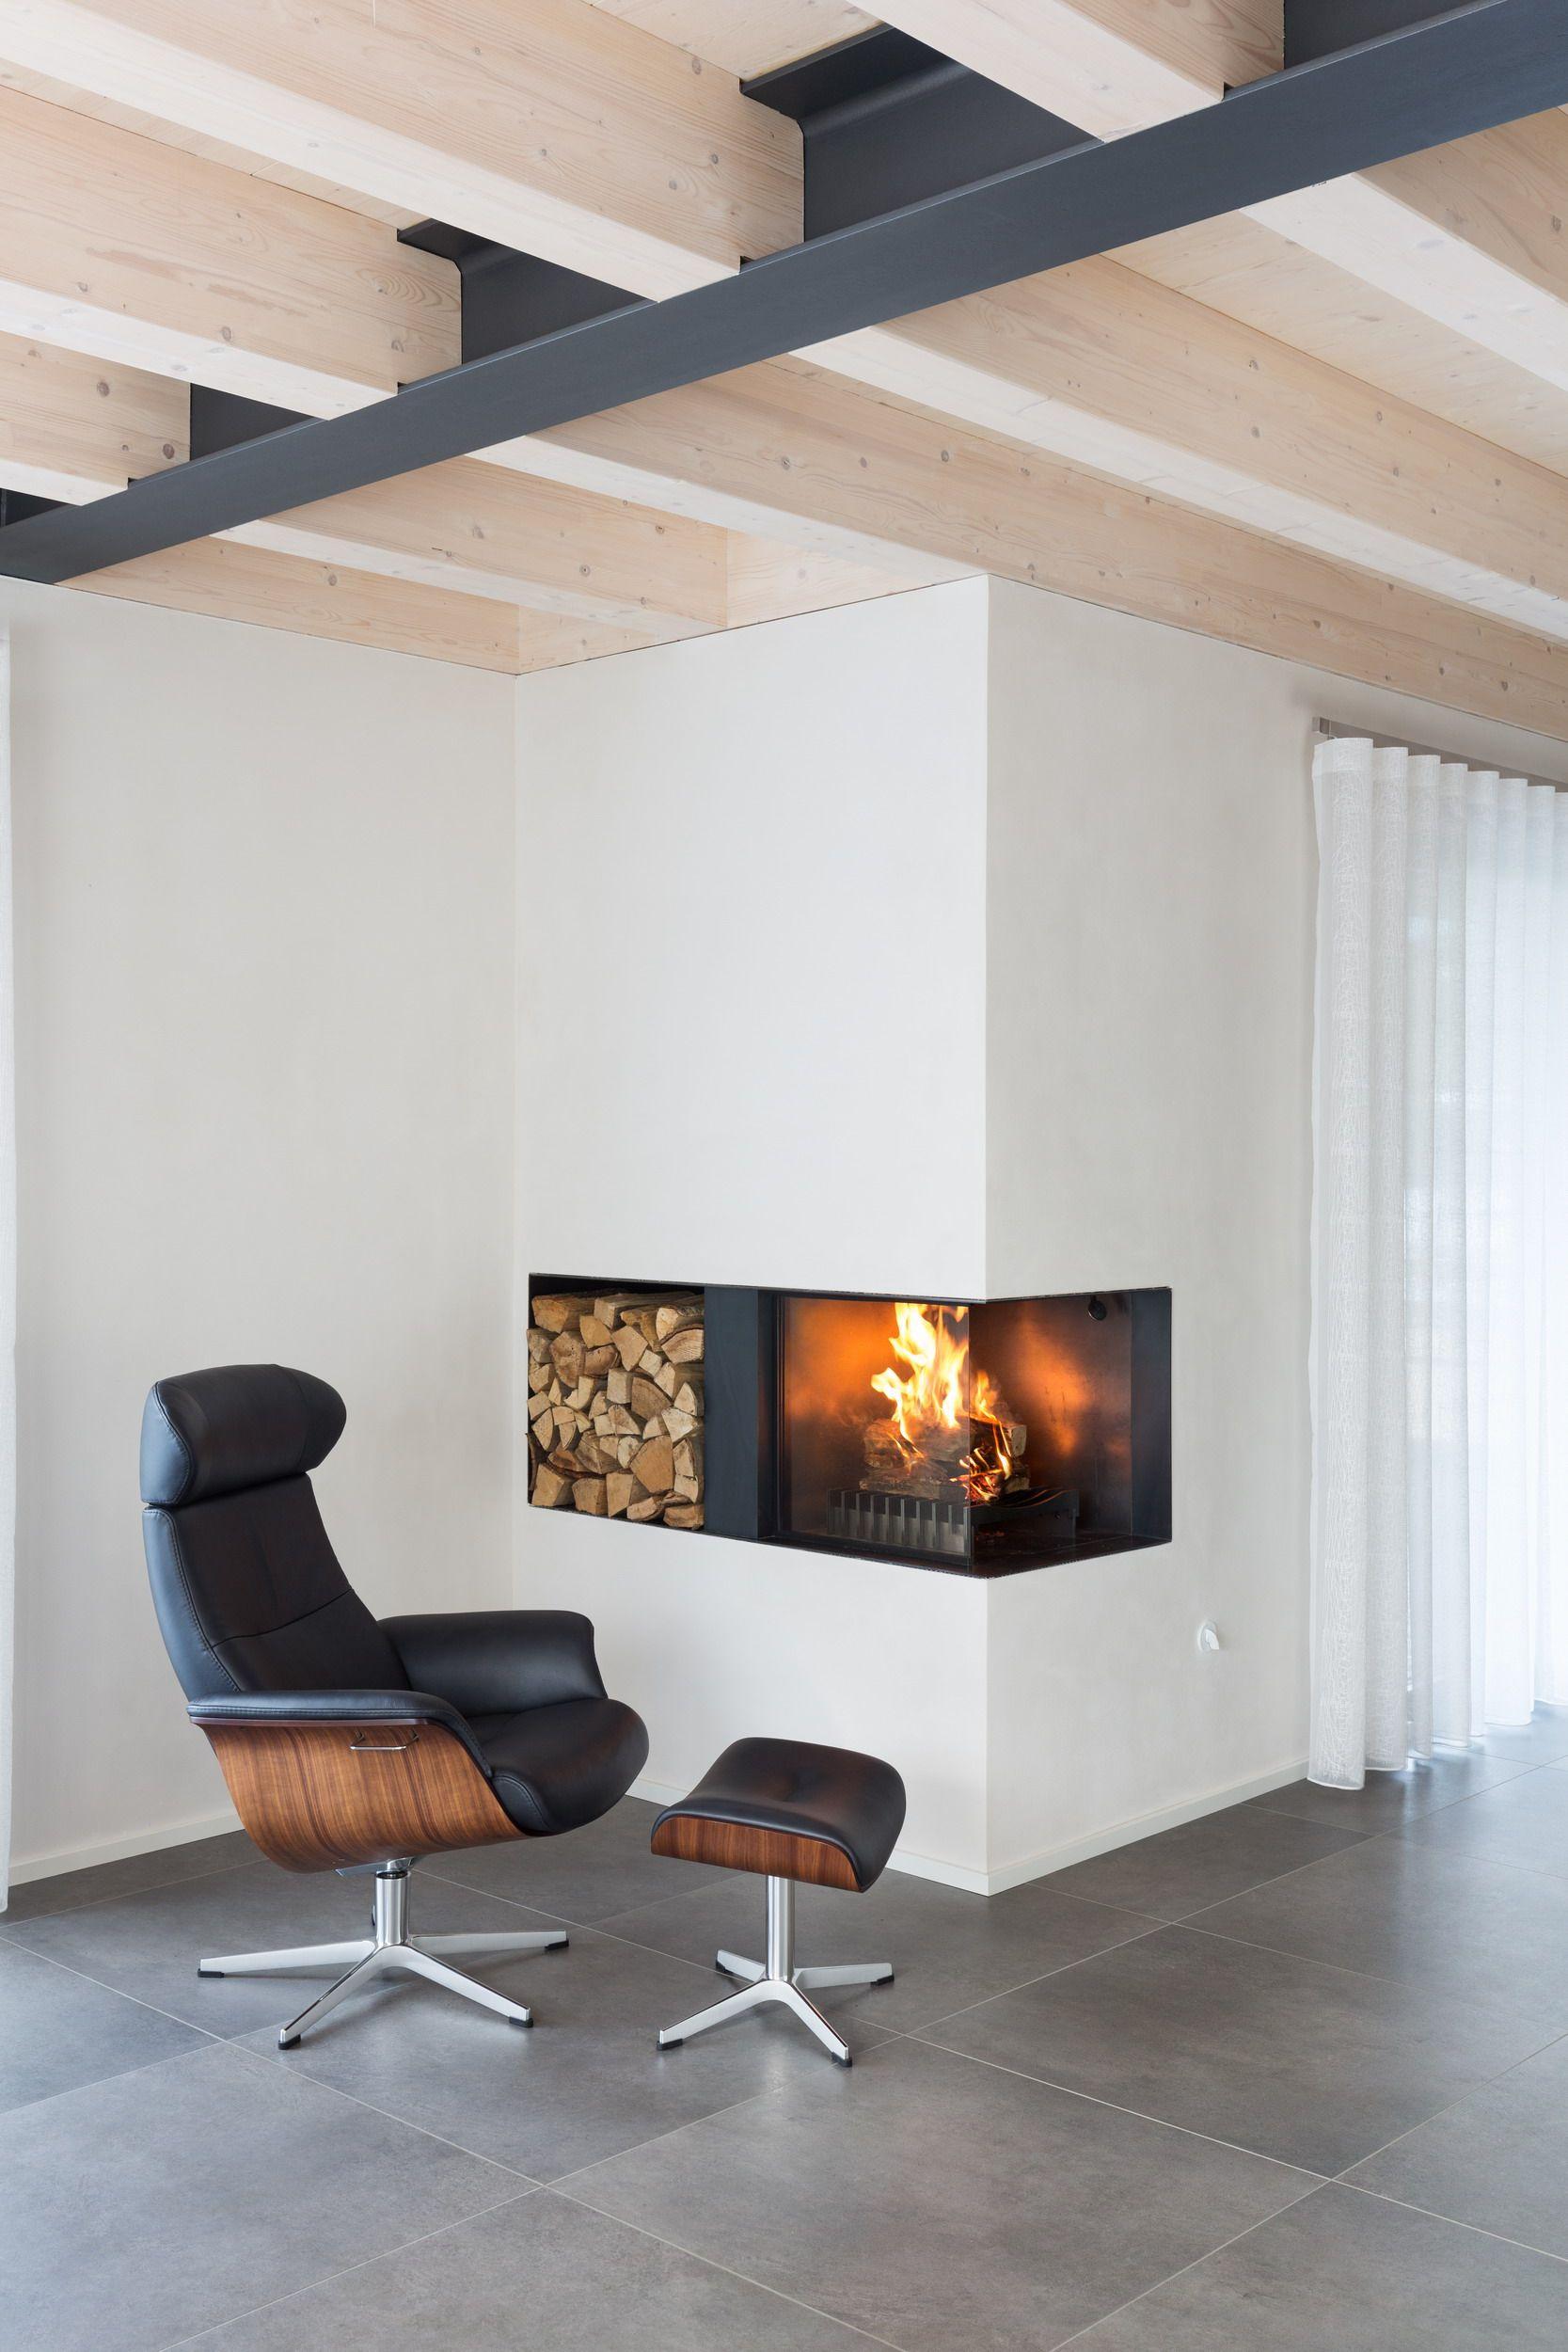 offener kamin wobei eine seit mit keramikglas verschlossen ist feuerraum und holzfach sind aus. Black Bedroom Furniture Sets. Home Design Ideas